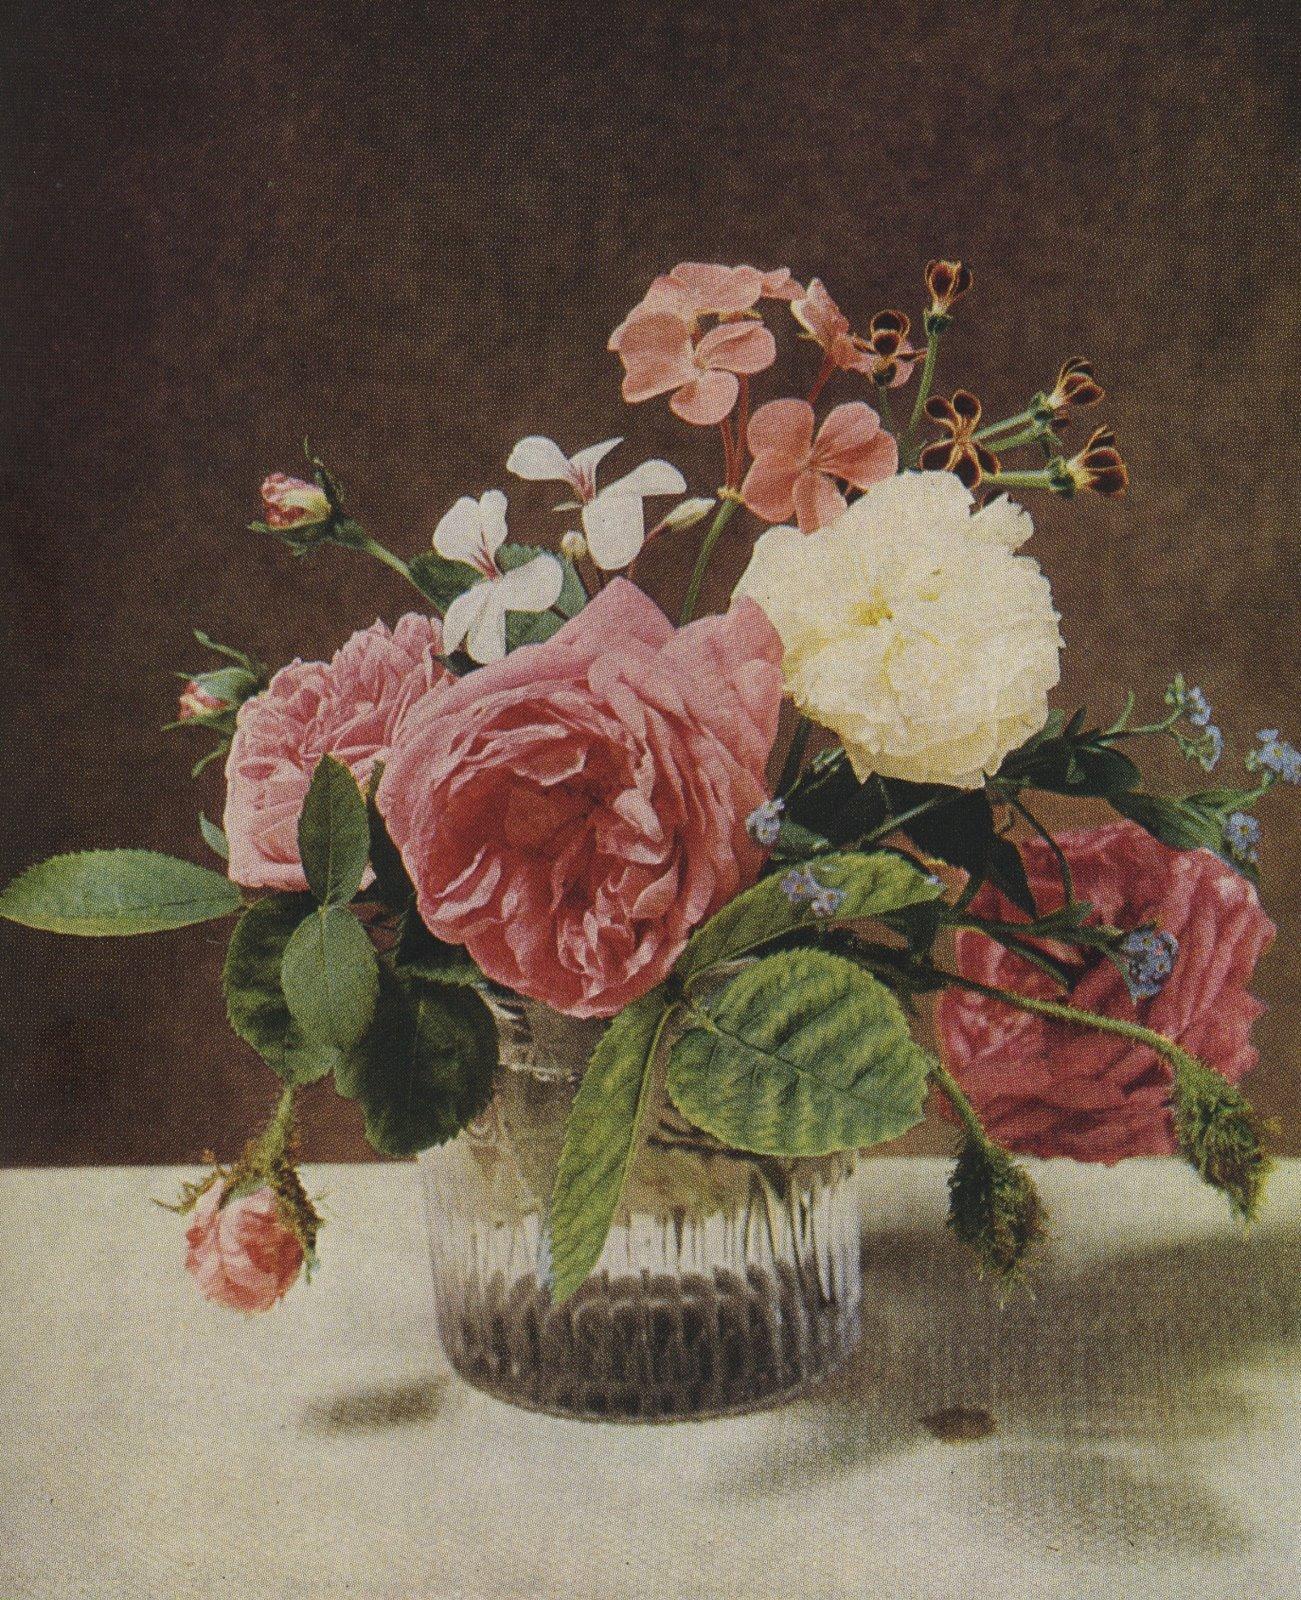 constance spry florals pinterest. Black Bedroom Furniture Sets. Home Design Ideas